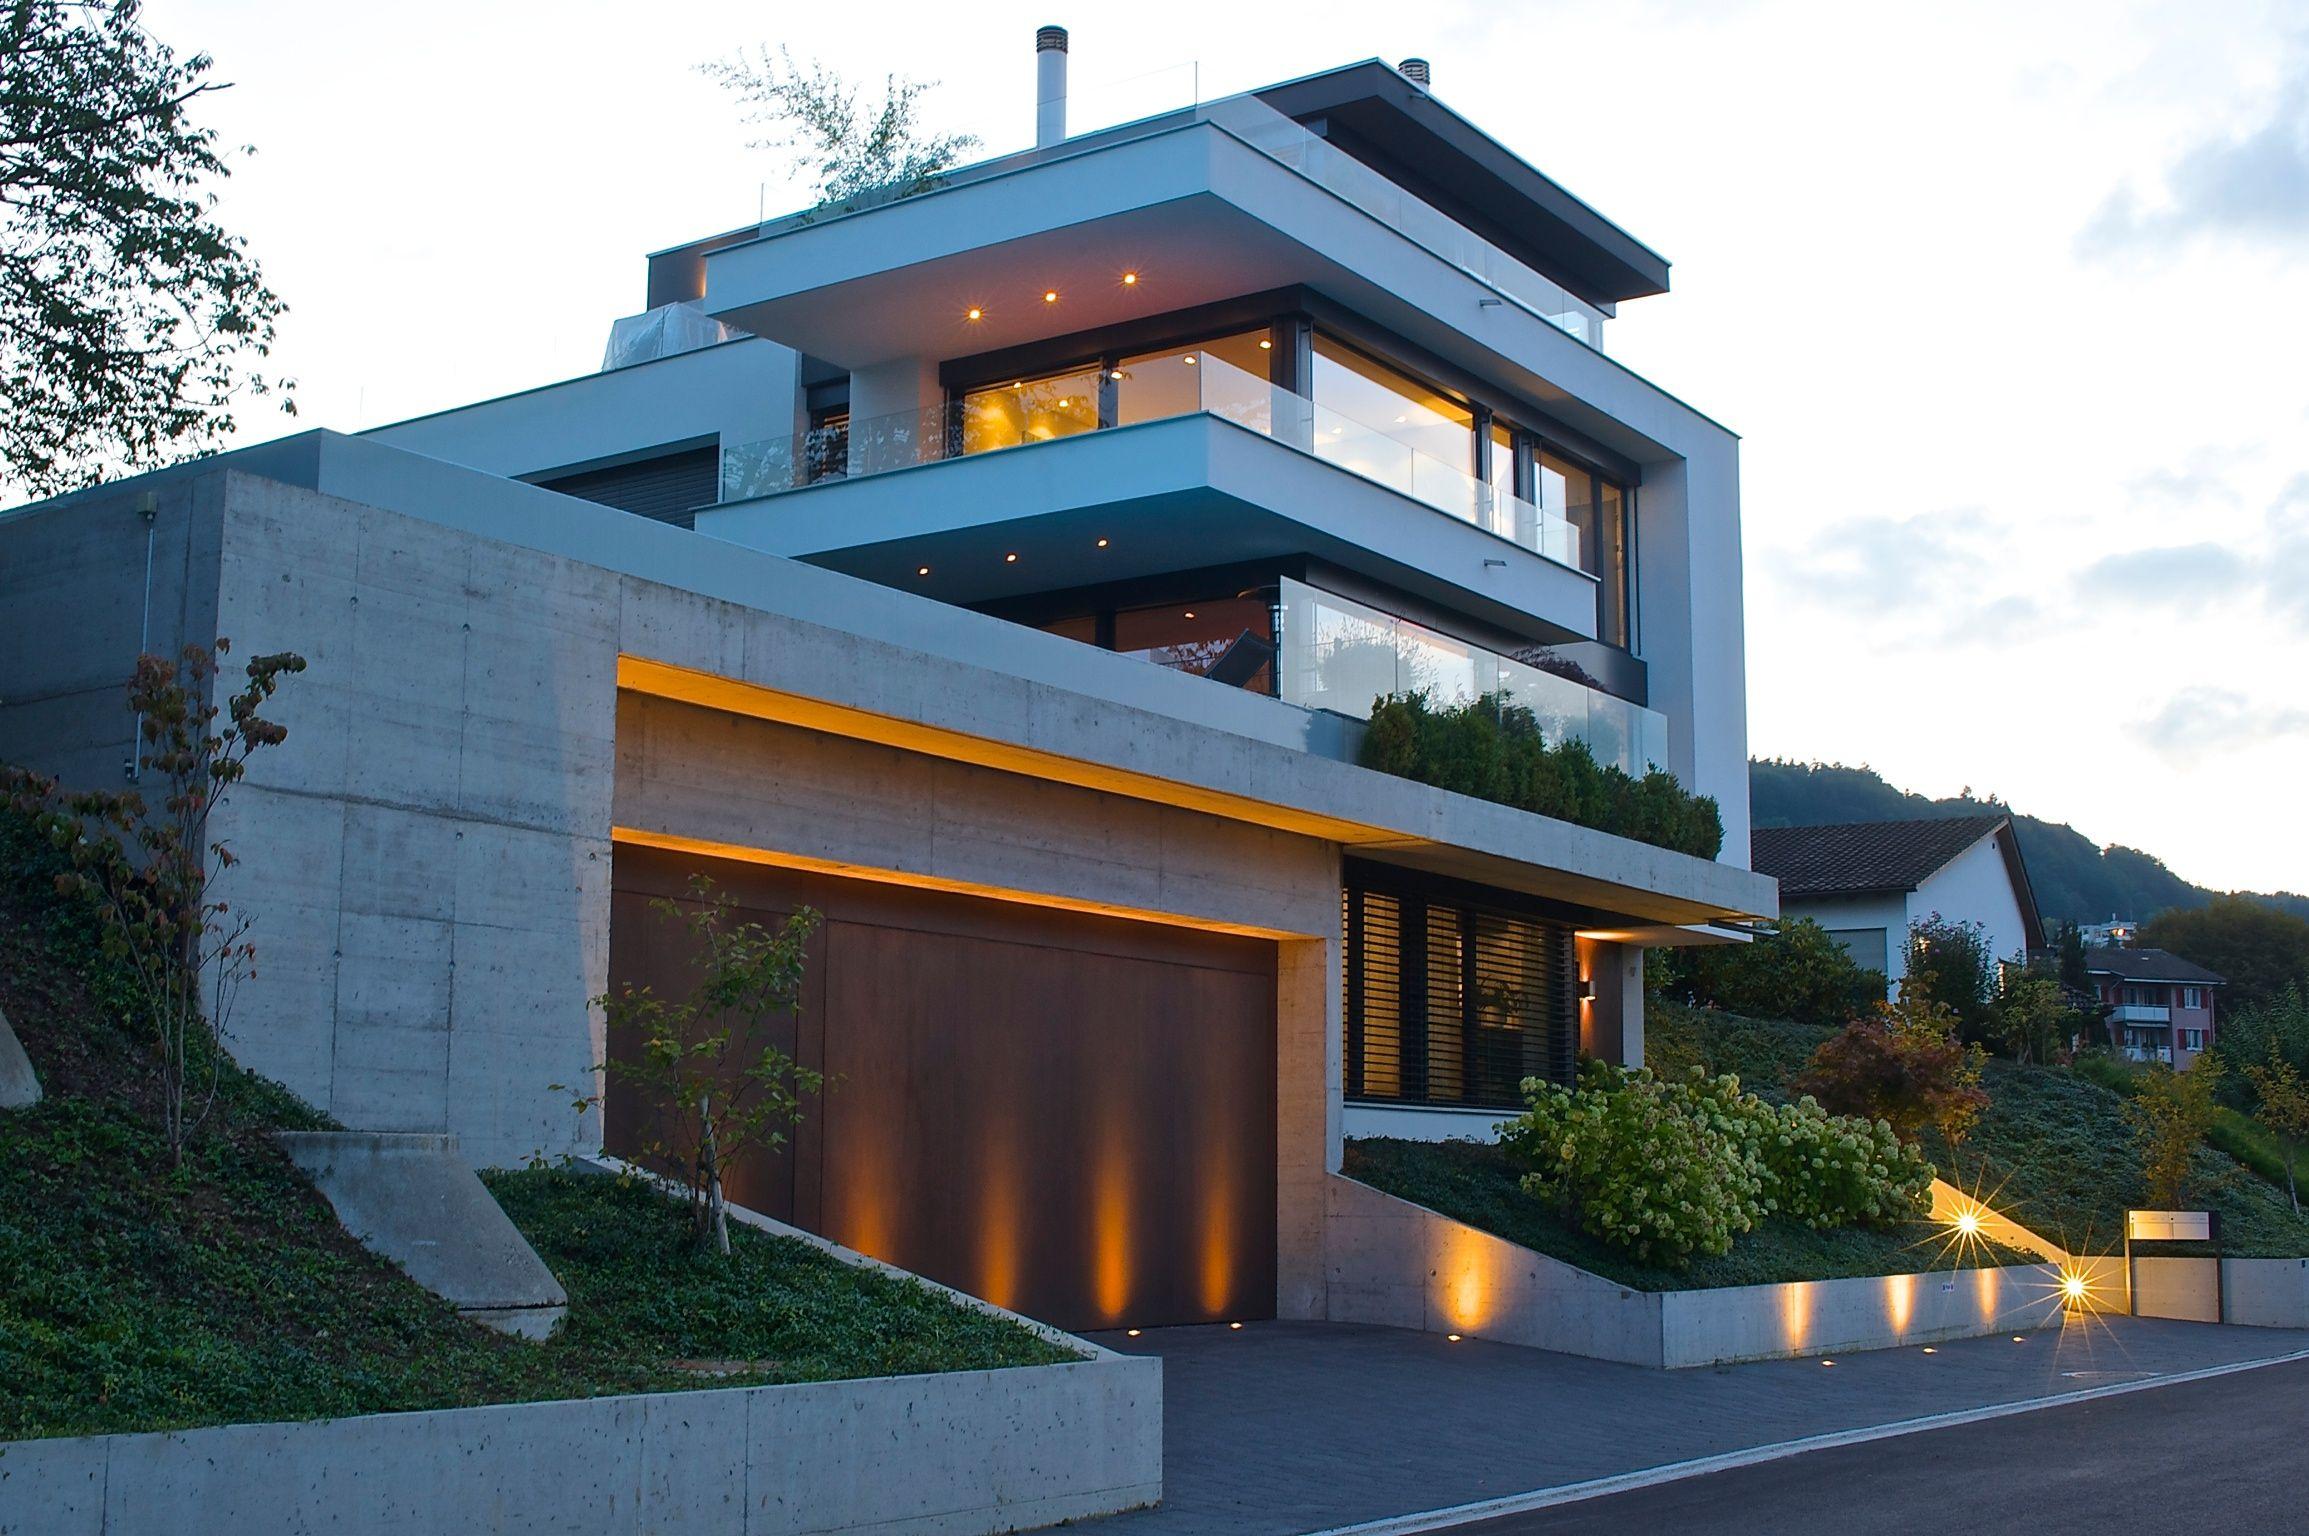 besondere beleuchtung der aussenfassade einer villa. Black Bedroom Furniture Sets. Home Design Ideas